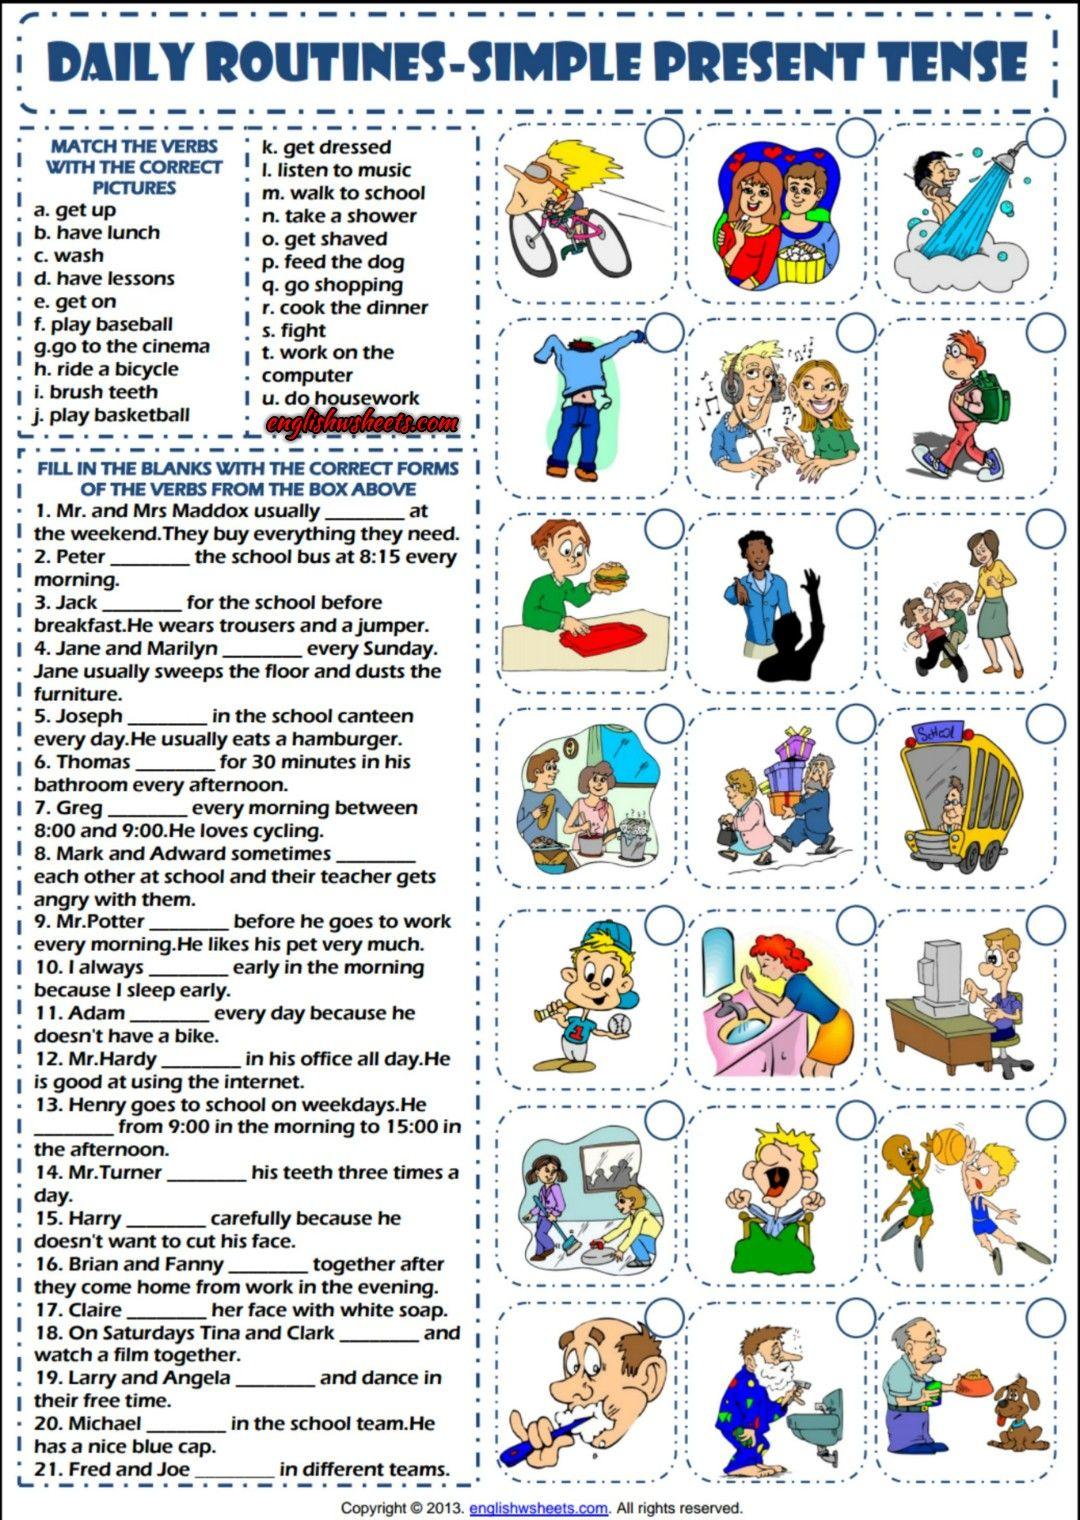 Daily Routines Simple Present Tense Esl Worksheet